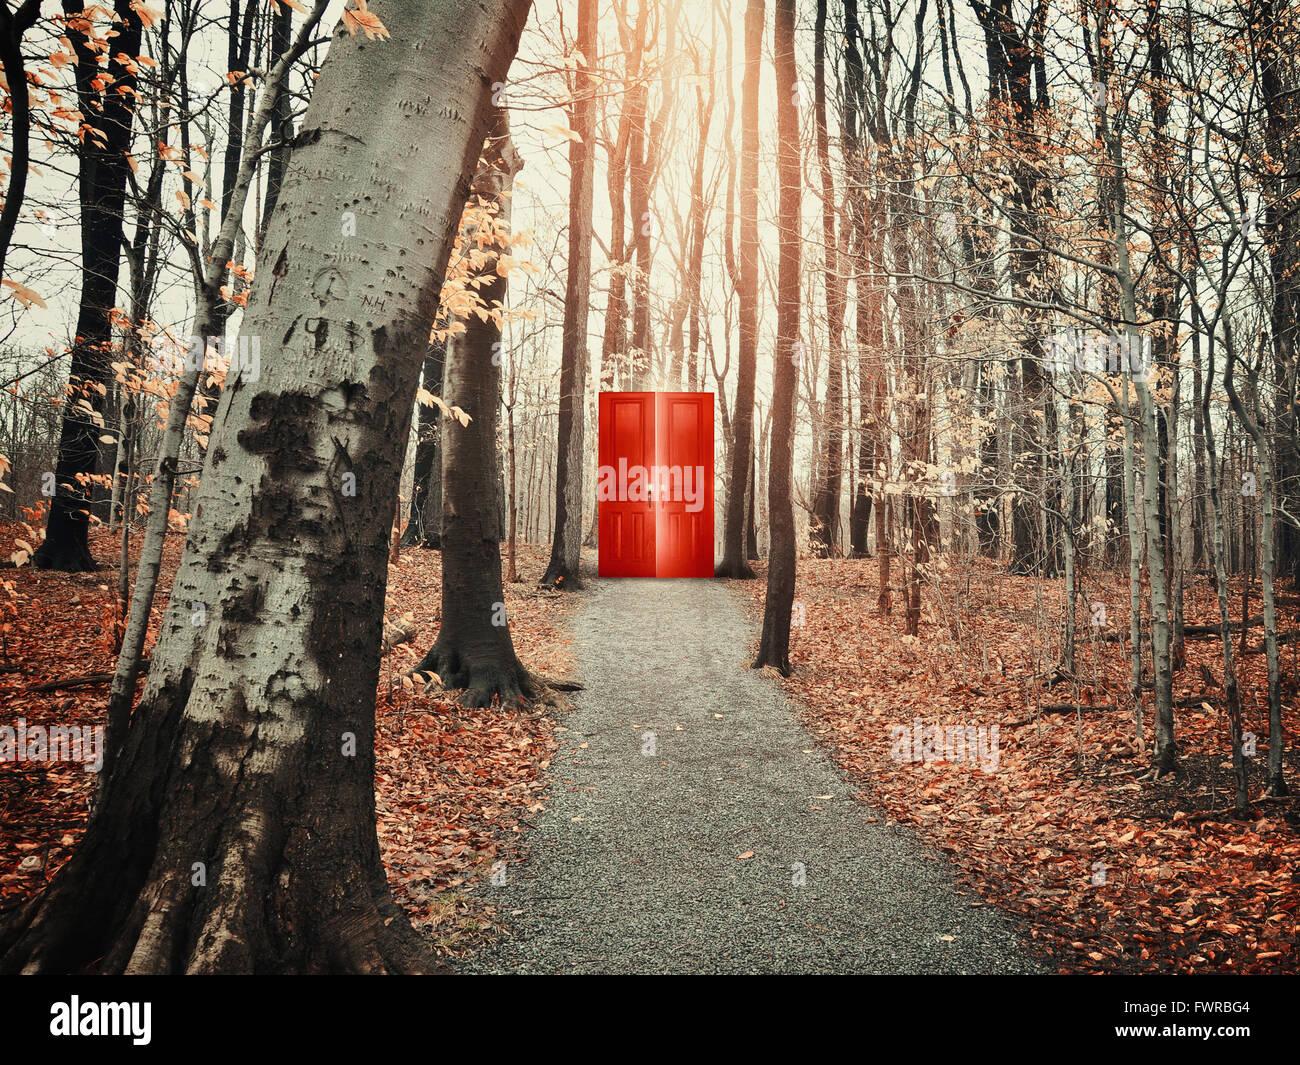 Una vista de un camino pedregoso camino en el otoño bosque con árboles desnudos de un rojo brillante para Imagen De Stock